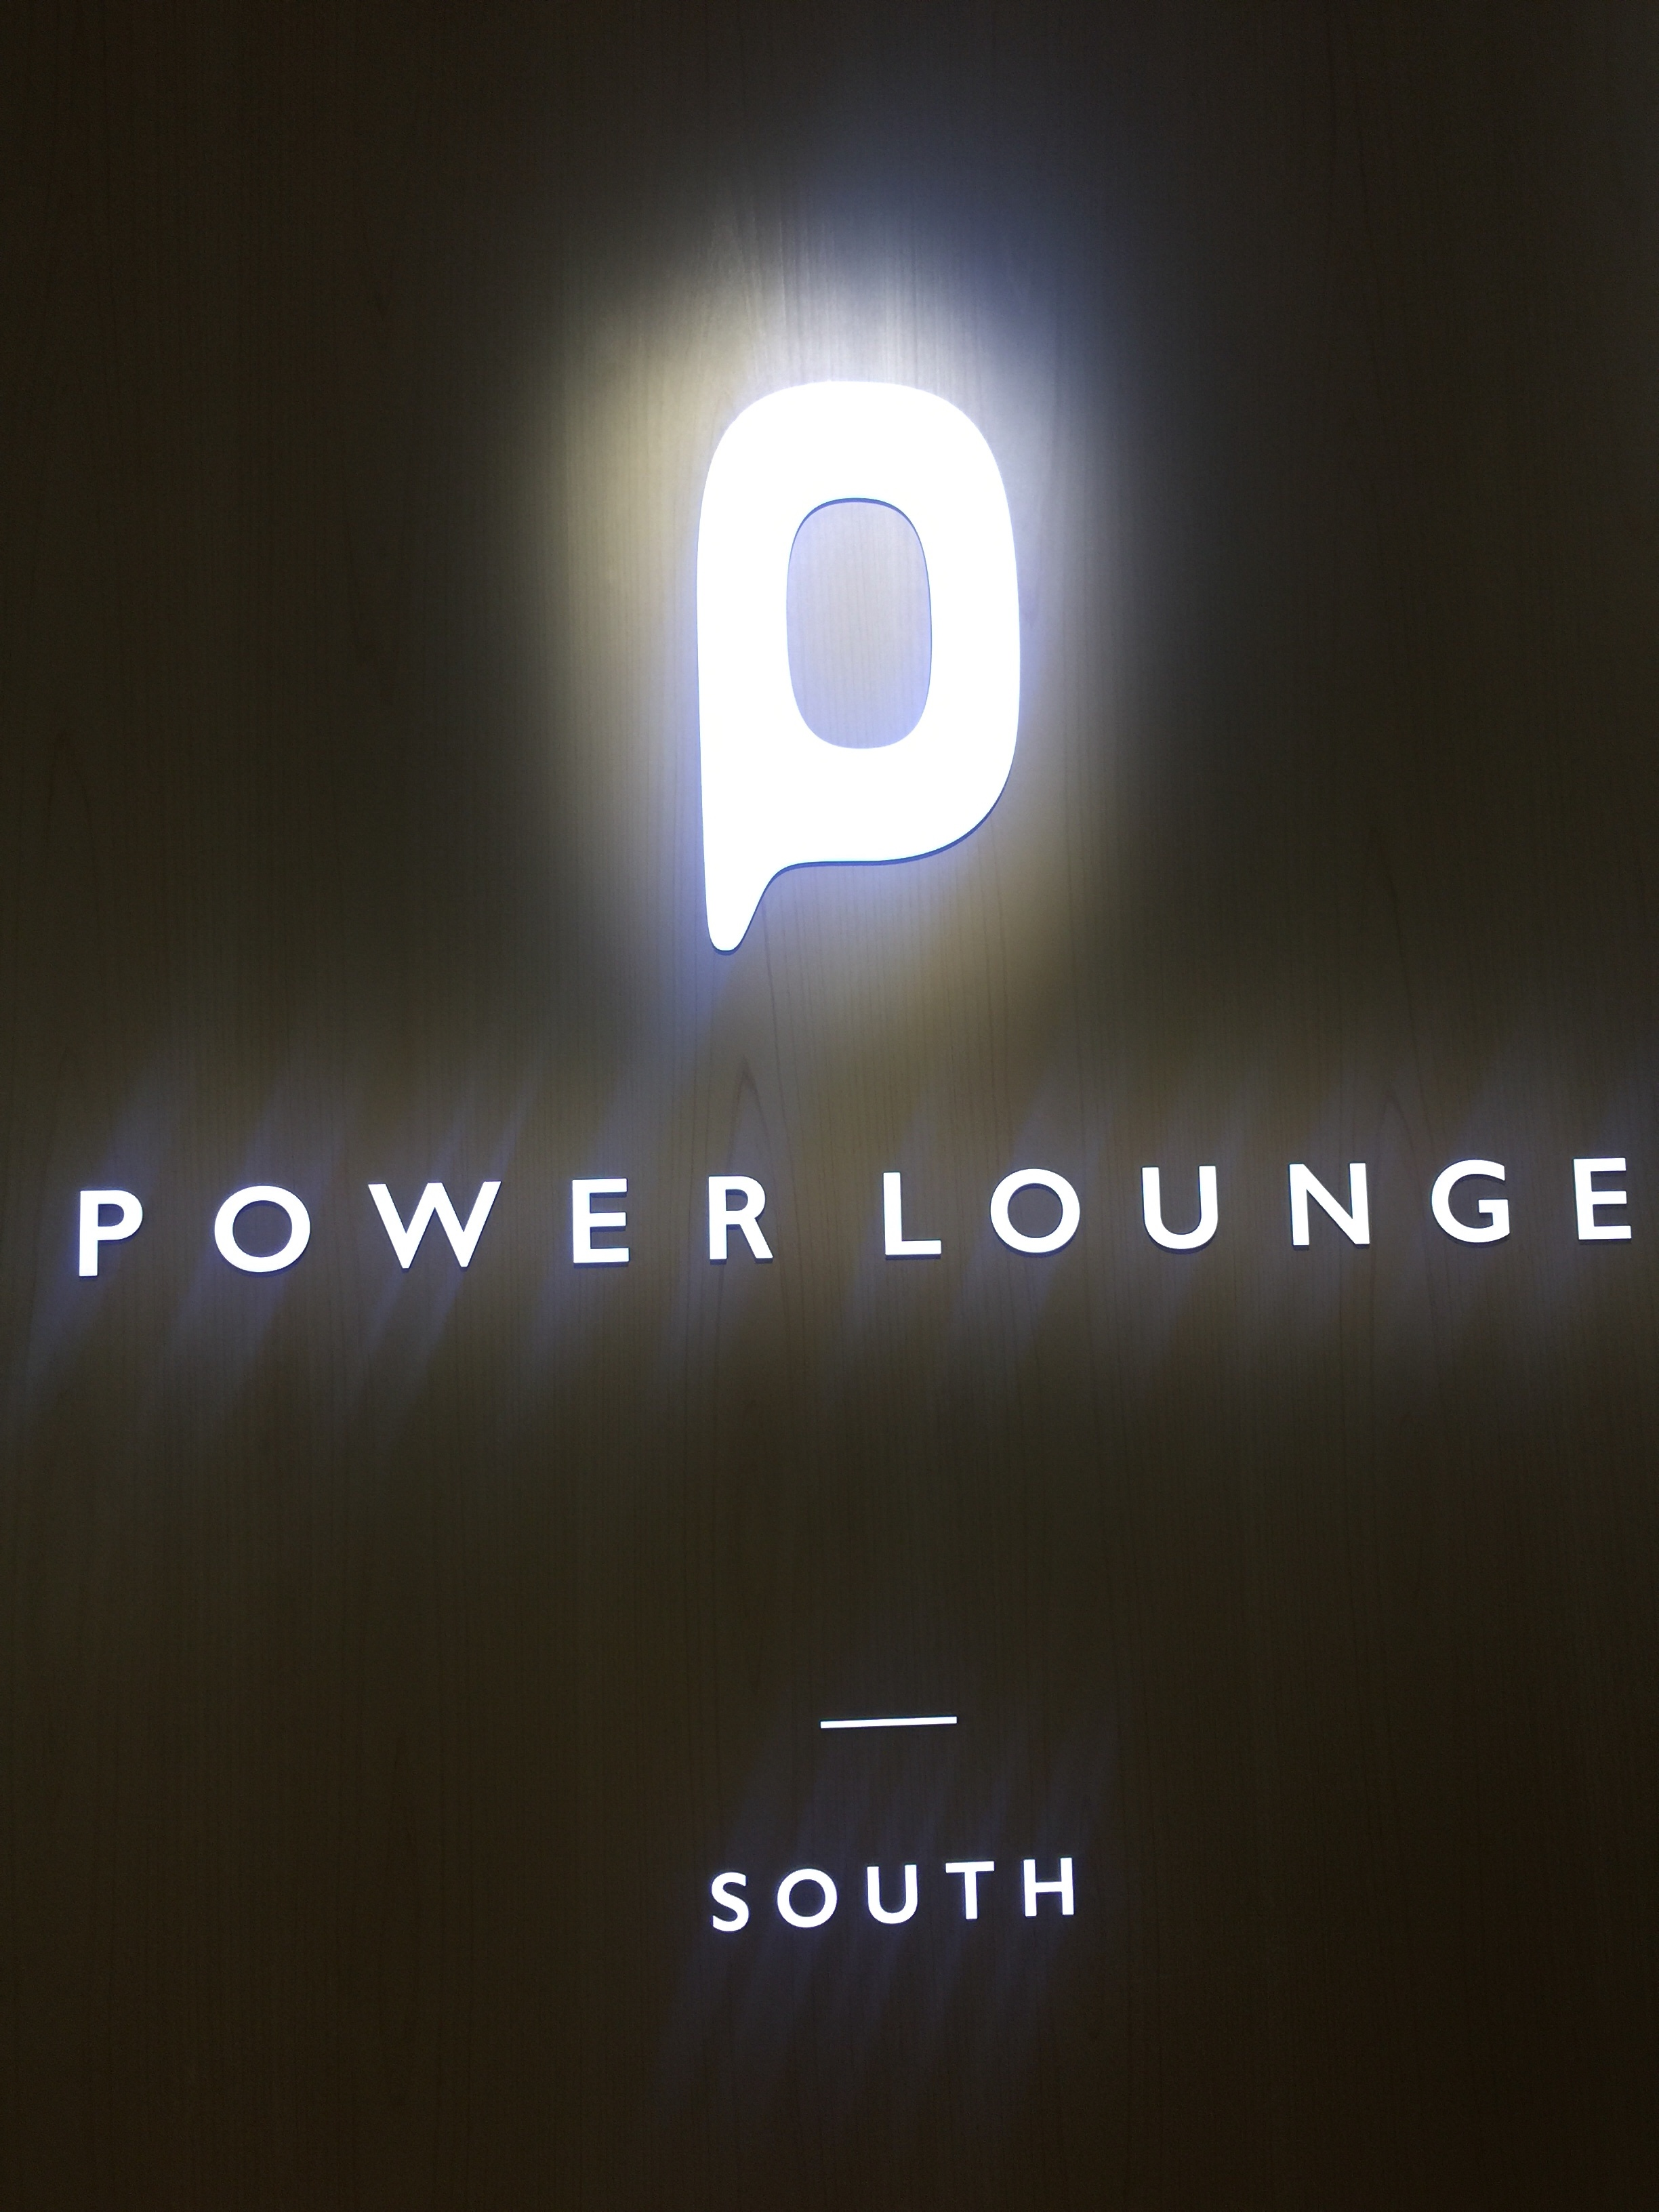 【羽田空港】第1ターミナルラウンジ『POWER LOUNGE』で優雅なひと時を